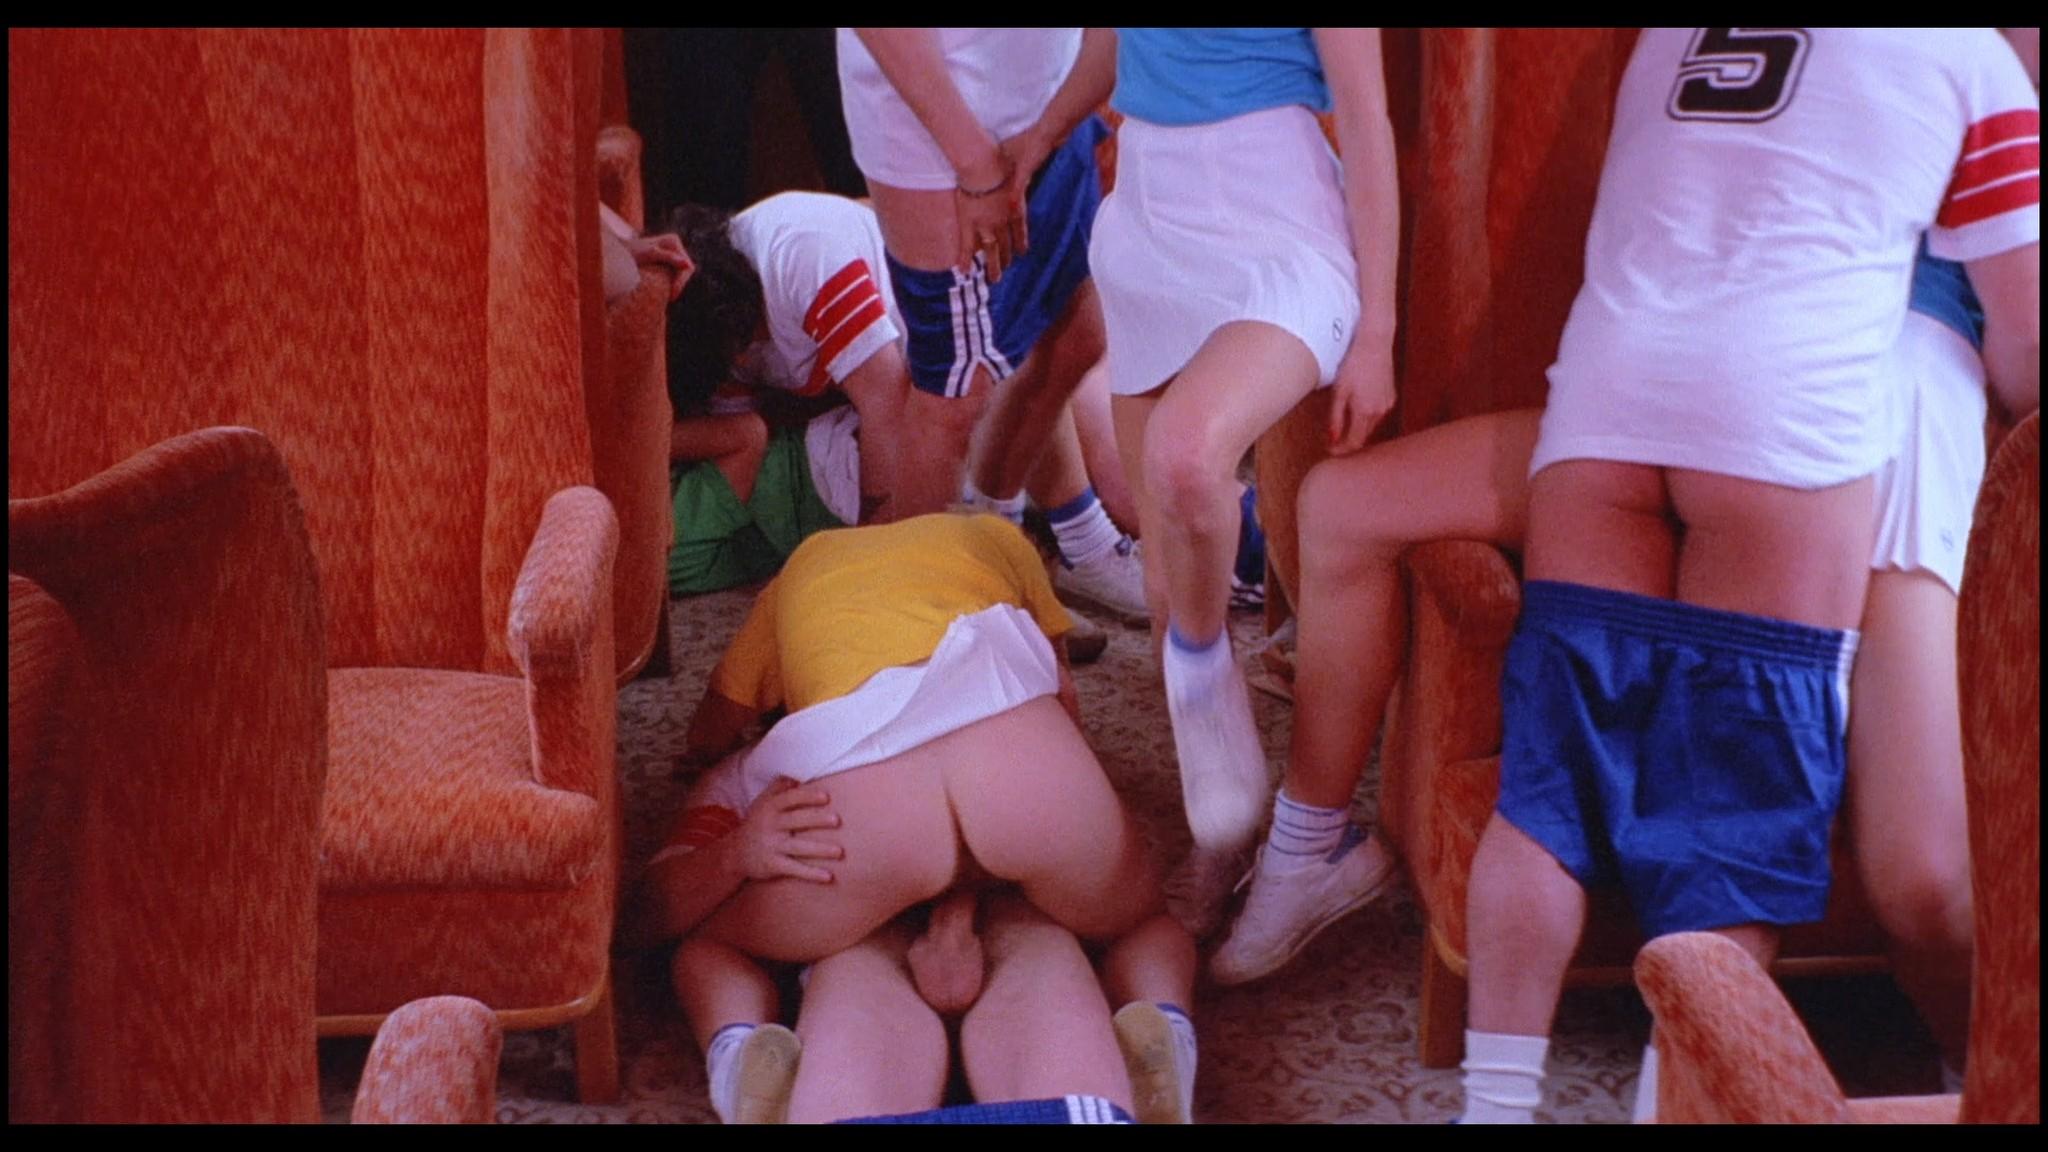 Marianne Aubert Michaela Larsen etc nude explicit sex Sechs Schwedinnen auf der Alm 1983 1080p BluRay 3